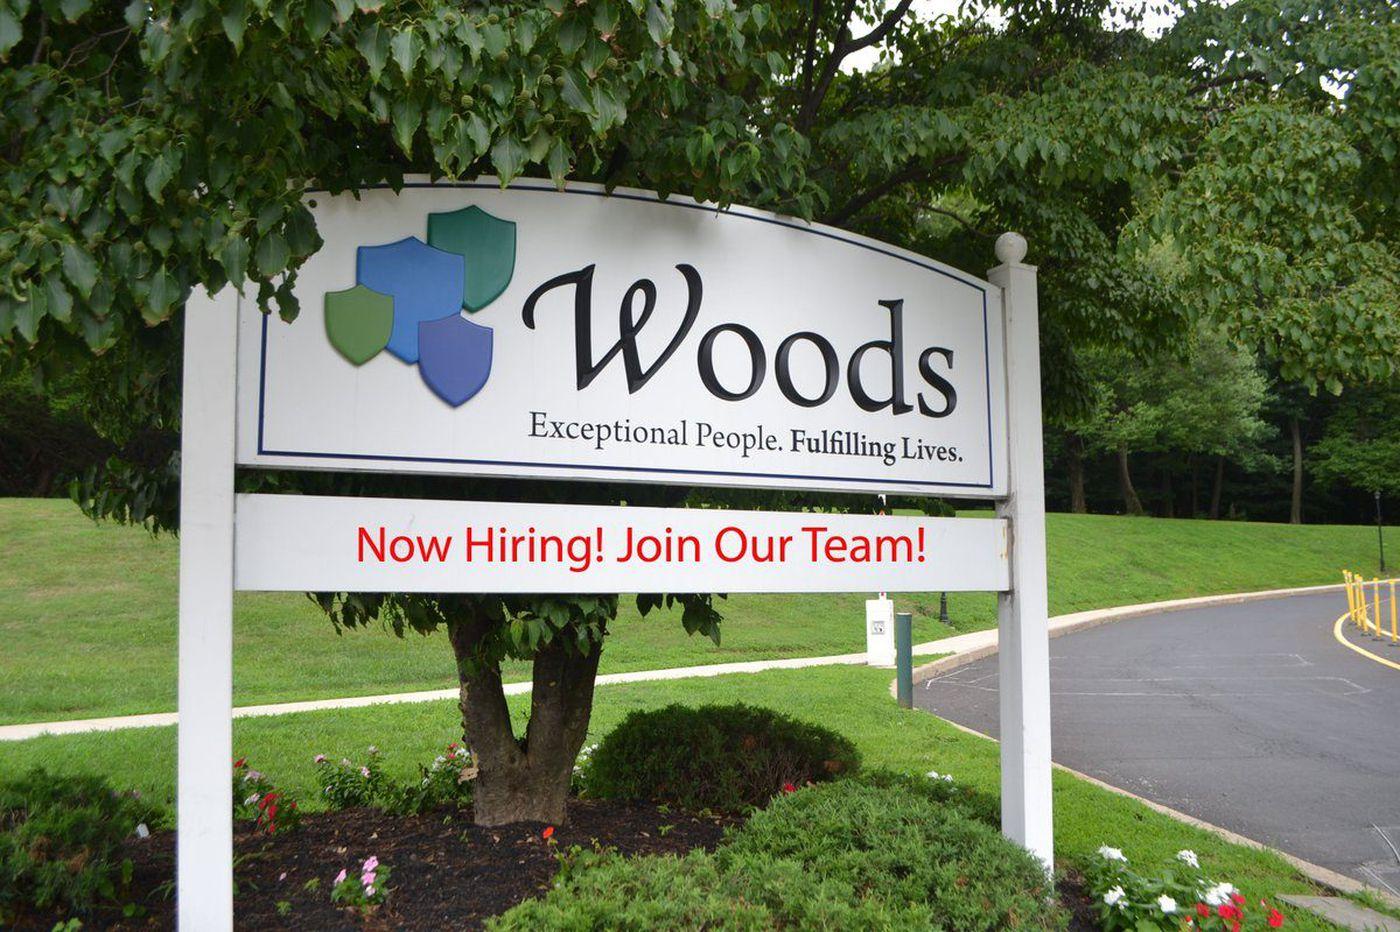 Woods Services' defamation suit against DRNY survives dismissal attempt